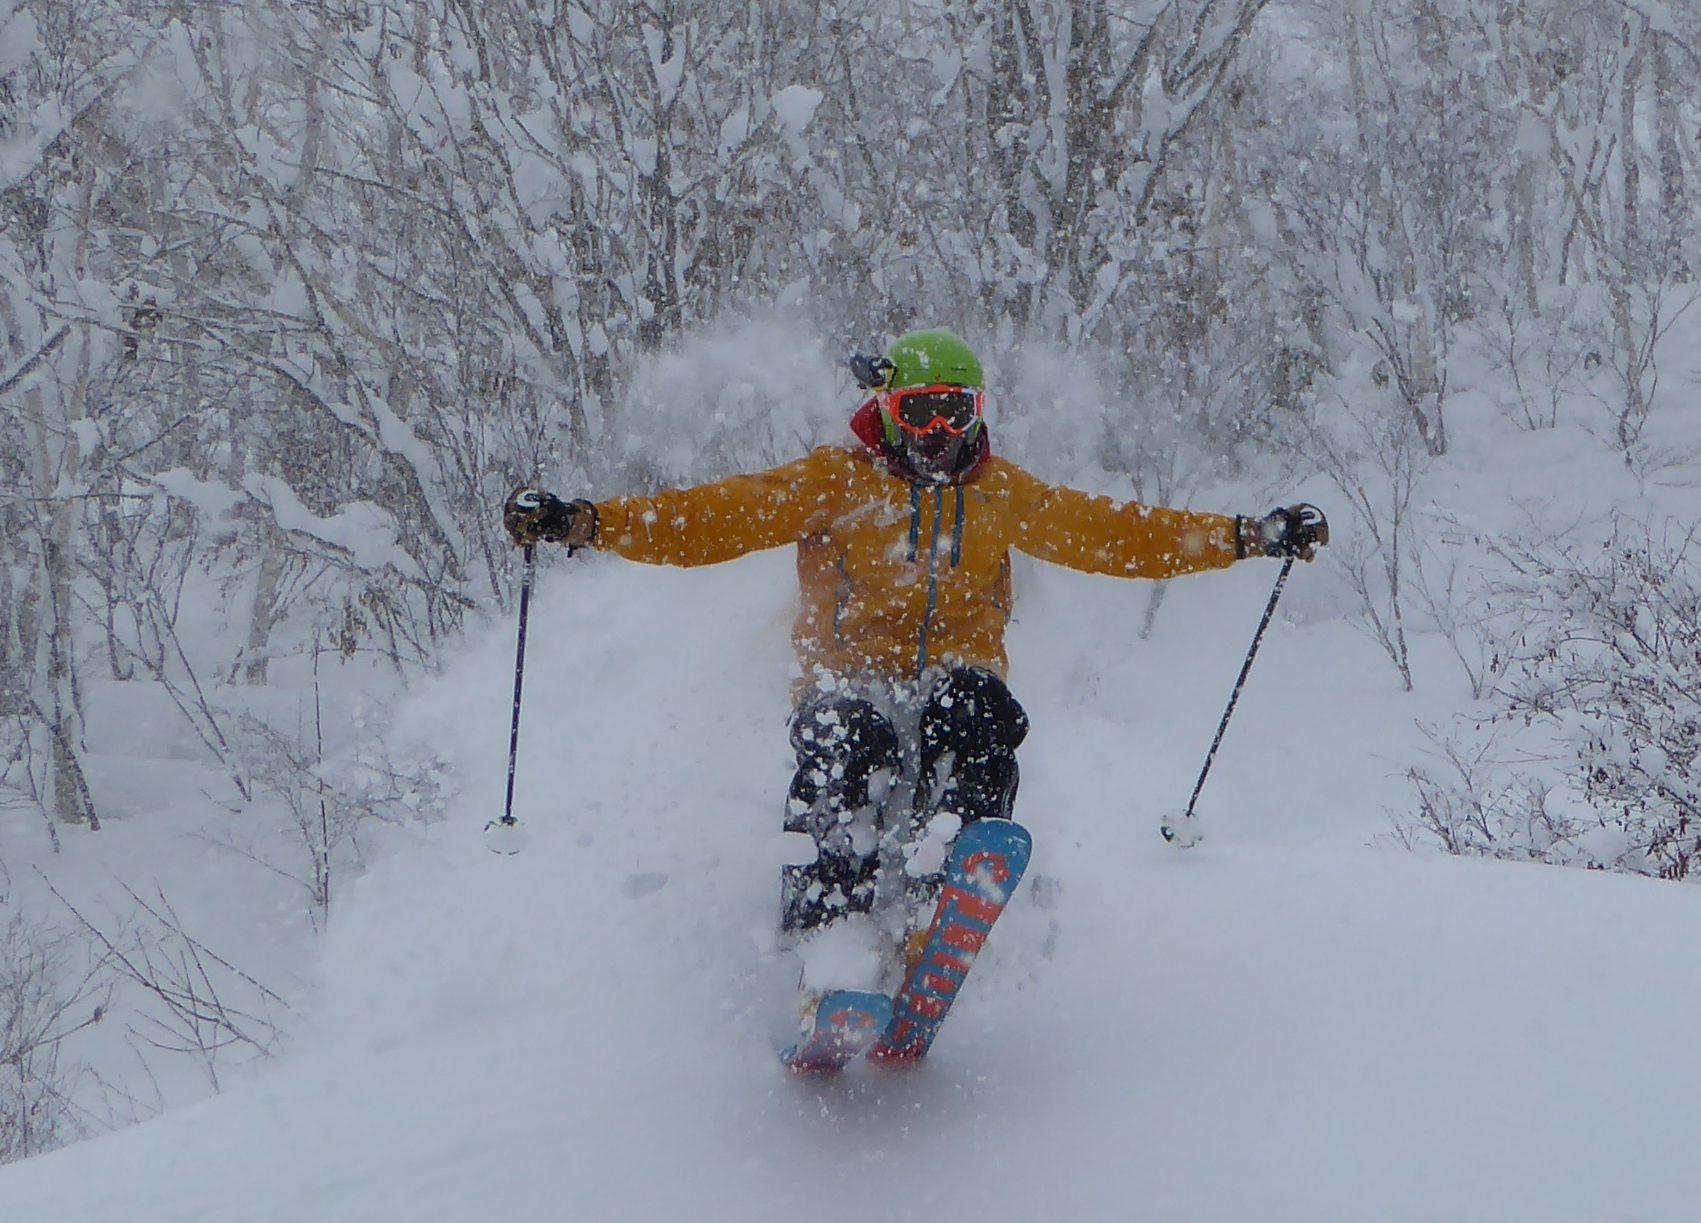 Curso de Esquí Freeride. Pirineos. Fundamentos básicos para el esquí fuera de pista y de montaña.